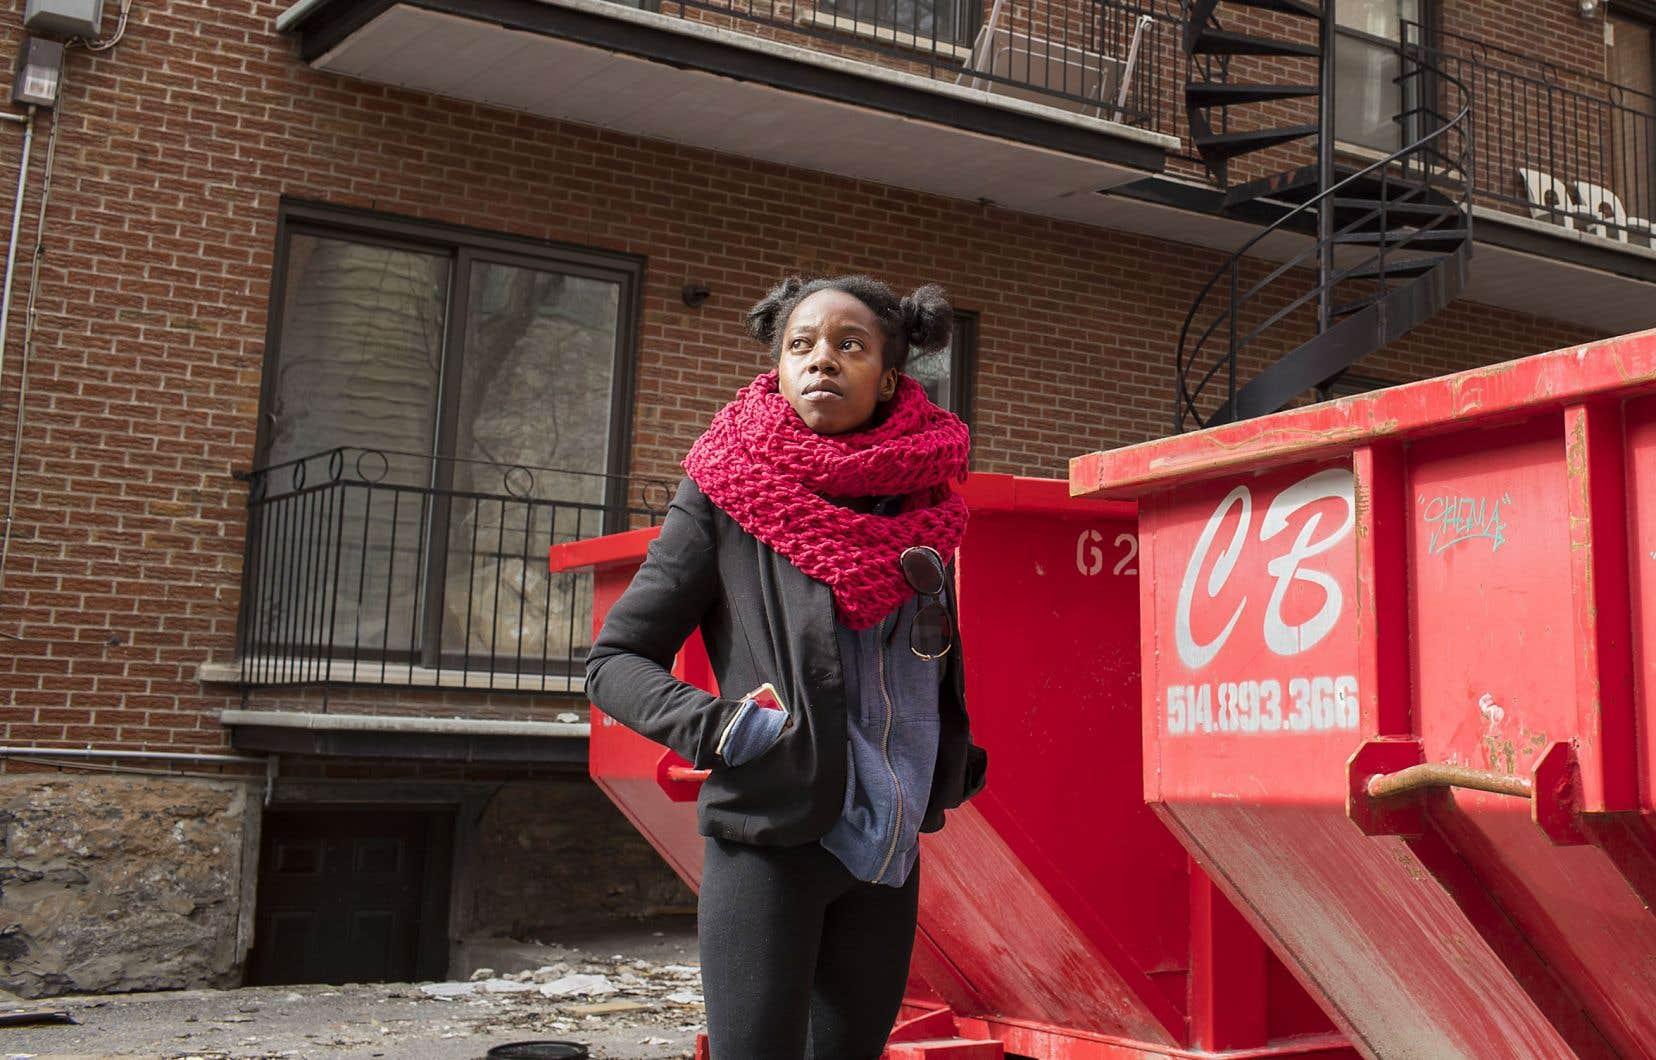 Jessica Louisé se bat depuis 2019 pour rester dans son logement de Ville-Marie à un peu plus de 600$. Mais si c'était à refaire, elle n'est pas si sûre qu'elle replongerait dans cette spirale: «Ça prend beaucoup de patience, ça demande d'accepter de se faire cracher au visage. Ça m'a démolie psychologiquement.»